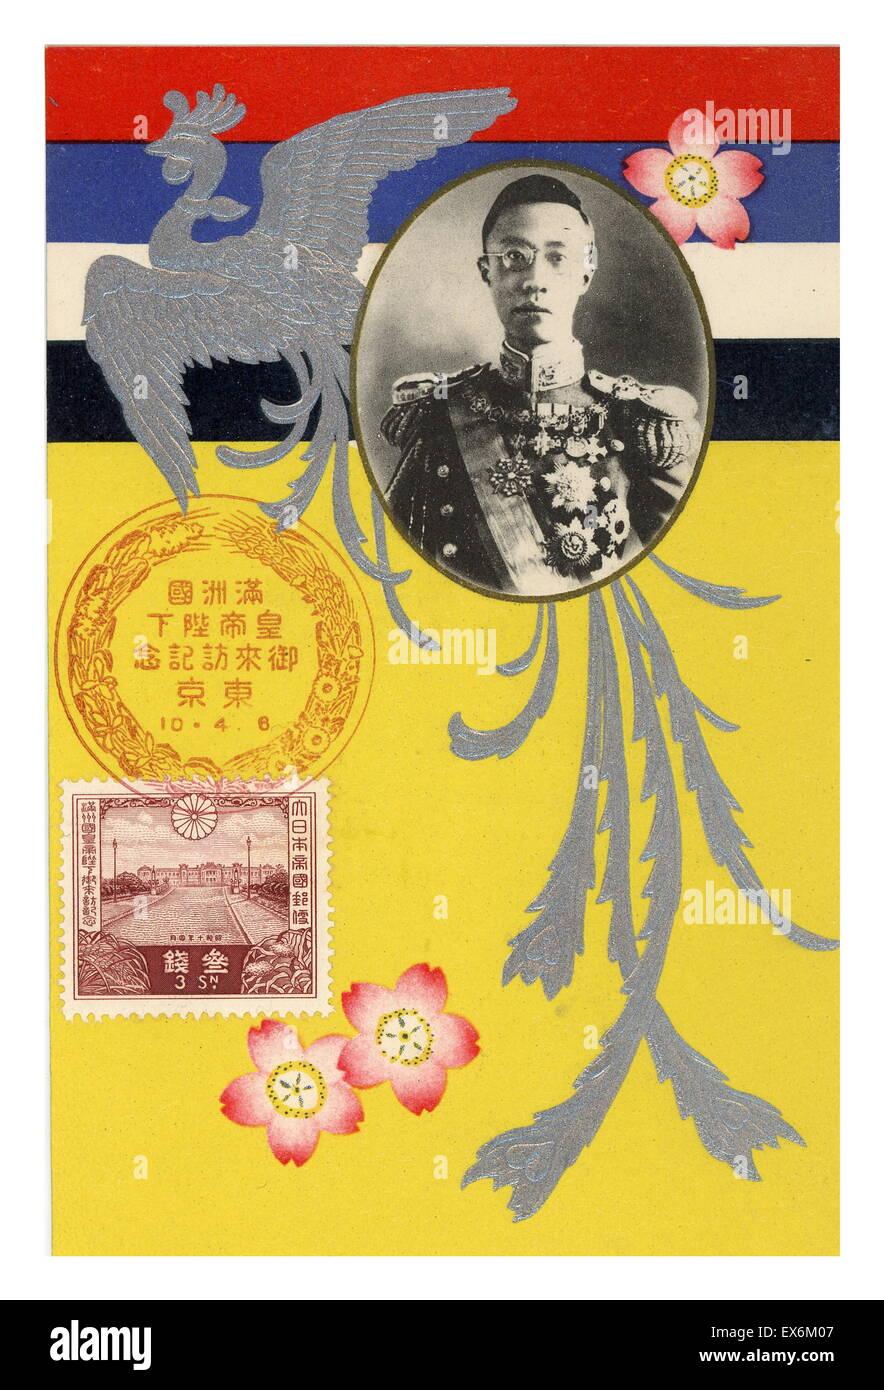 La Date De LEmpereur Mandchou Chinois Visite Tokyo Japon 6 Avril 1935 Carte Postale Reprsentant Lempereur Pu Yi Marionnette Mandchourie En Chine